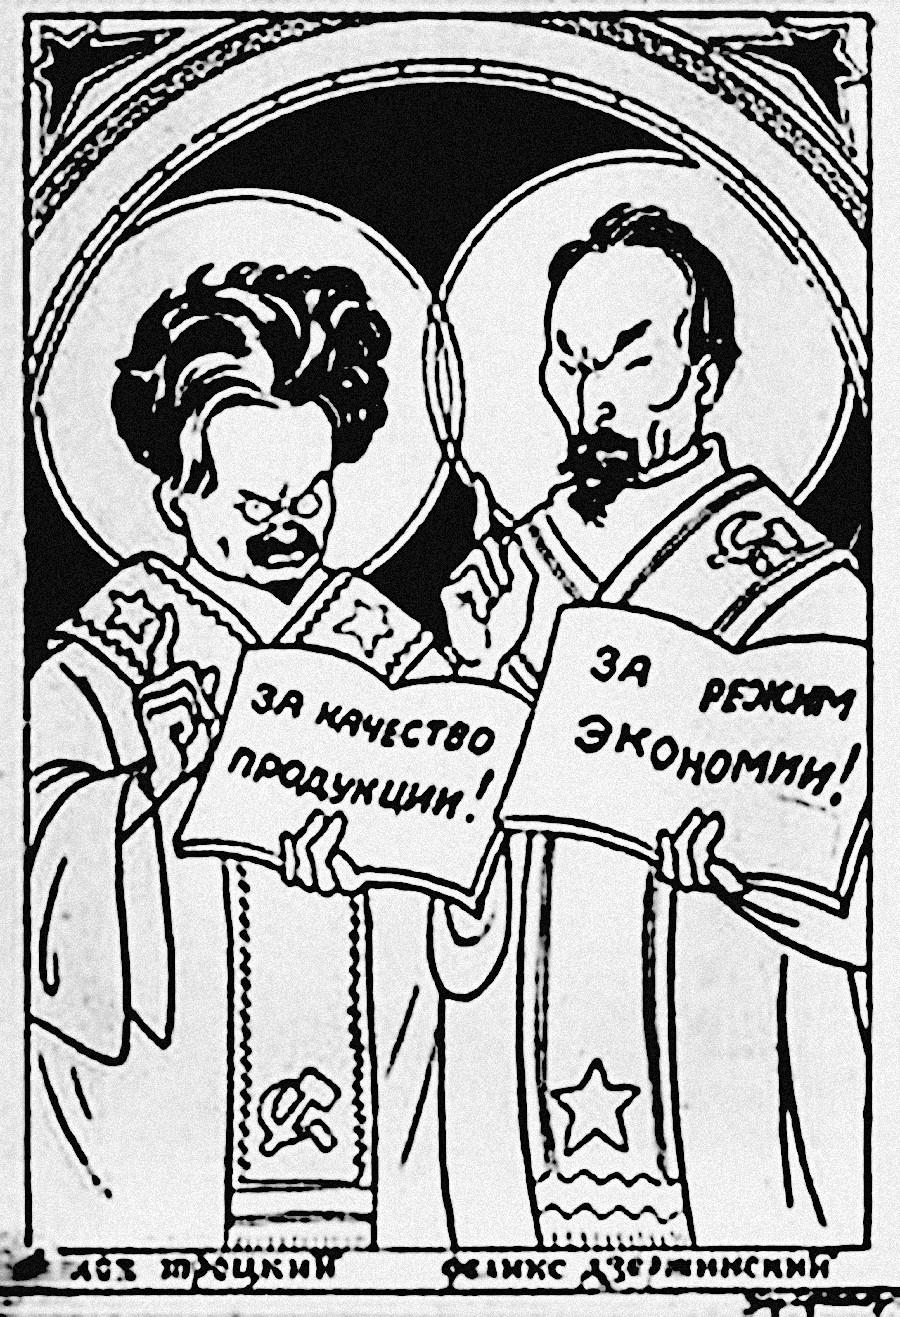 """Лав Троцки и Феликс Дзержински, који је средином 20-их година био директор Врховног већа народне економије, приказани су као свеци. Троцки држи натпис: """"За квалитет производње"""", а Дзержински: """"За режим штедње""""."""